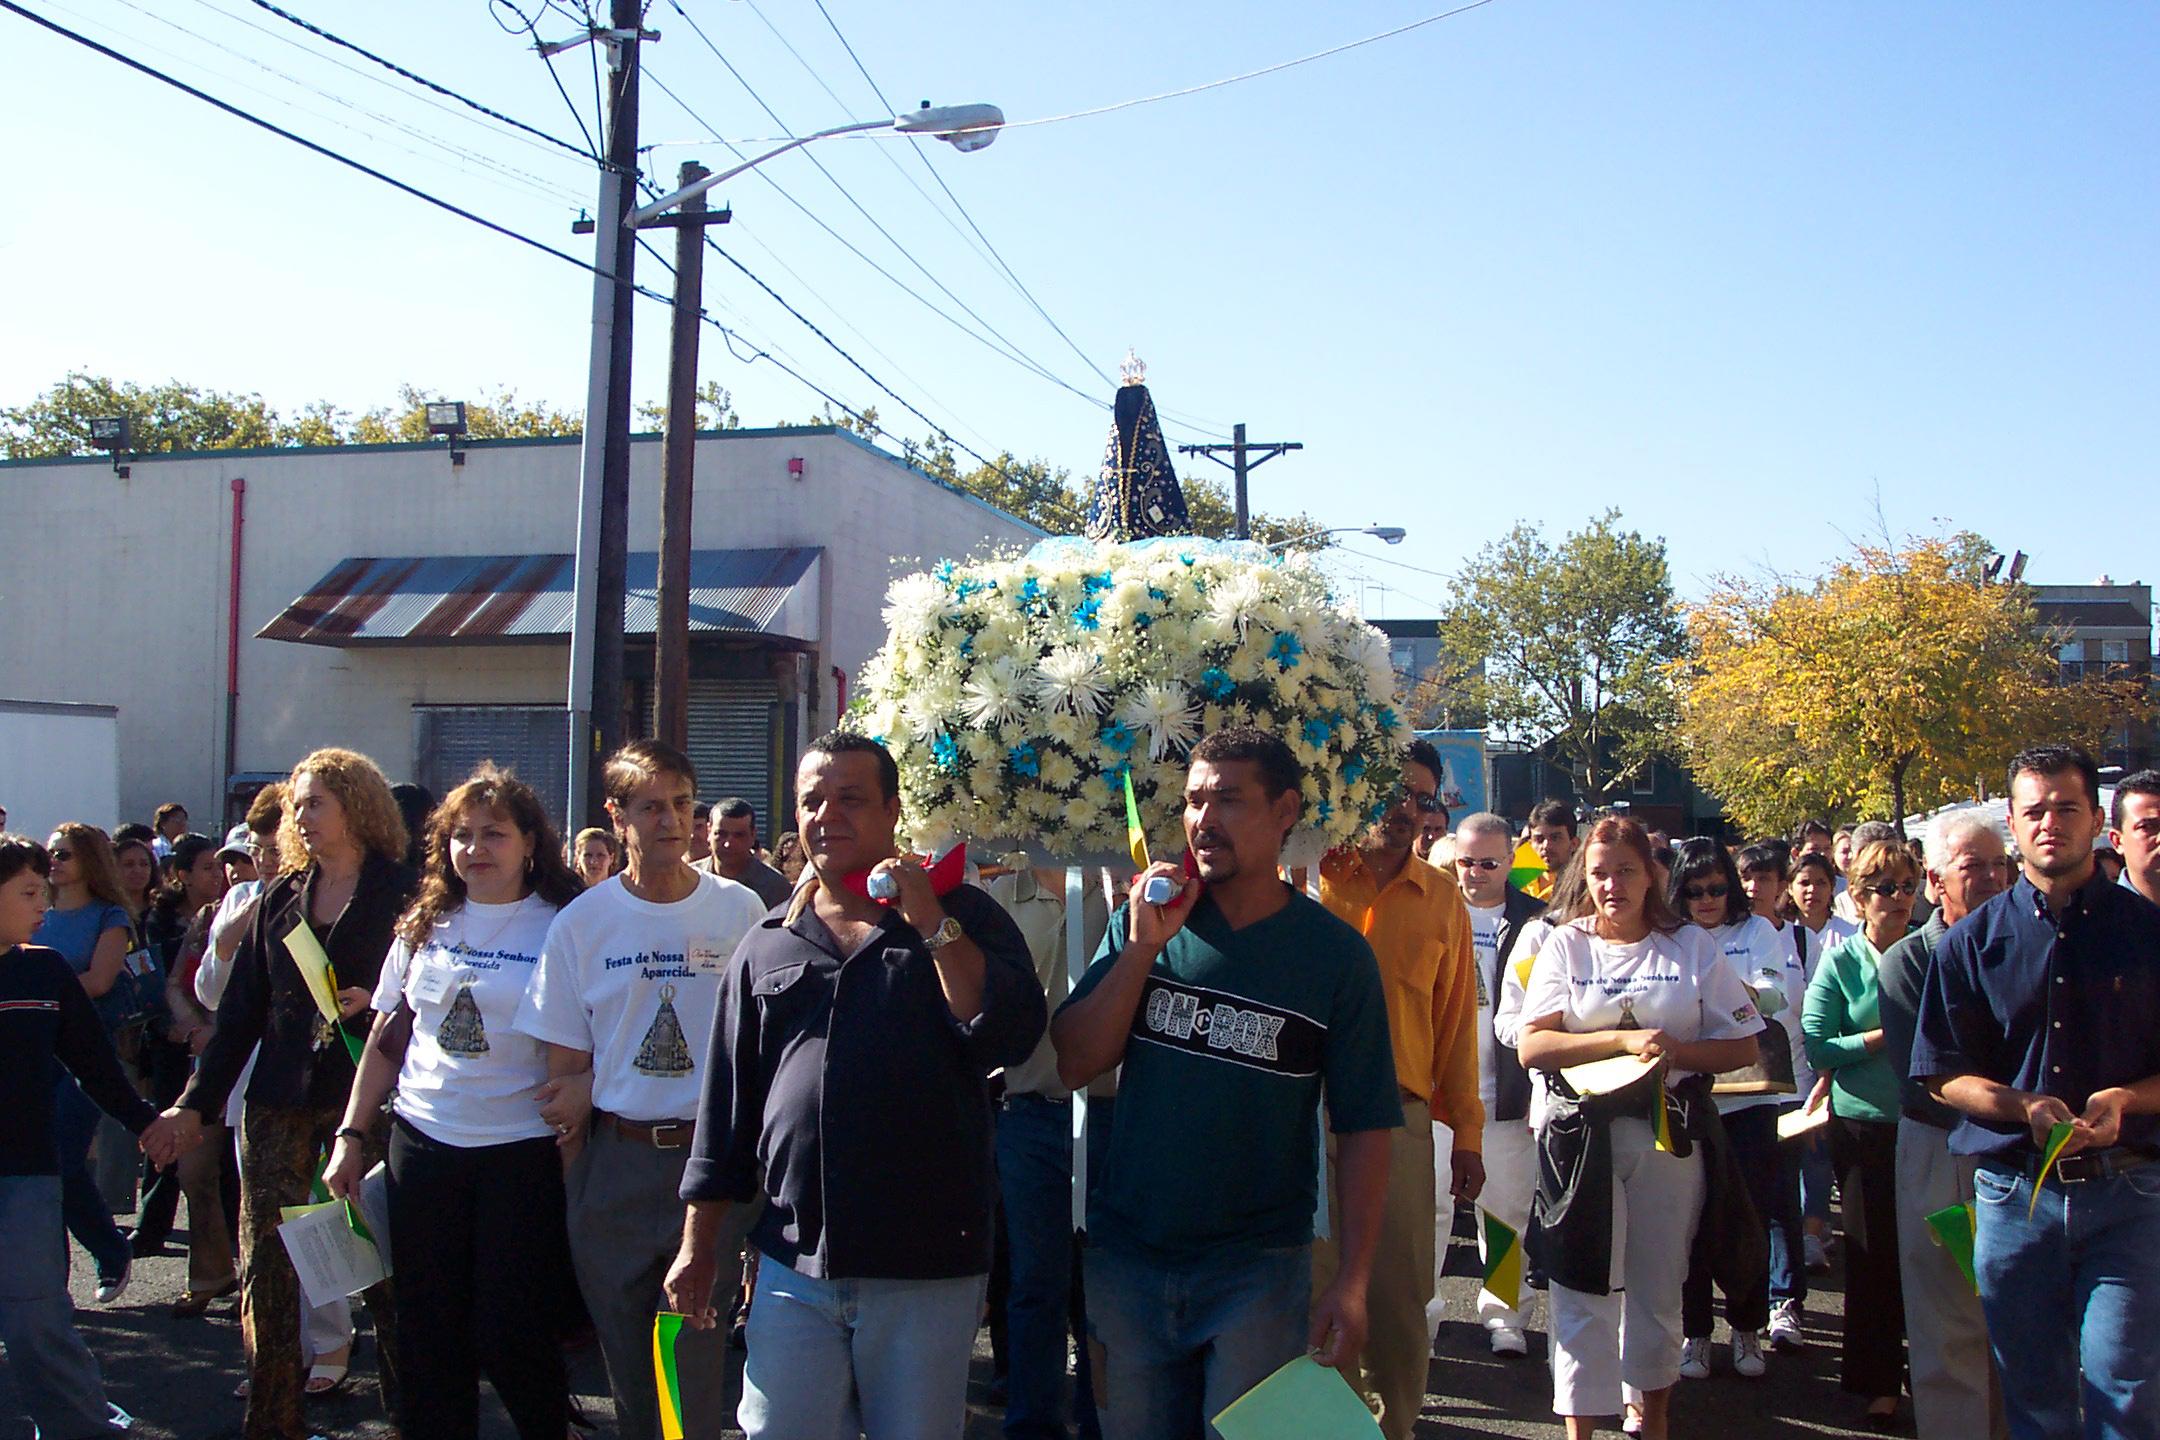 Foto8 Procissao Nossa Sra. Aparecida Igreja Saint James promove festa de Nossa Sra. Aparecida em Newark